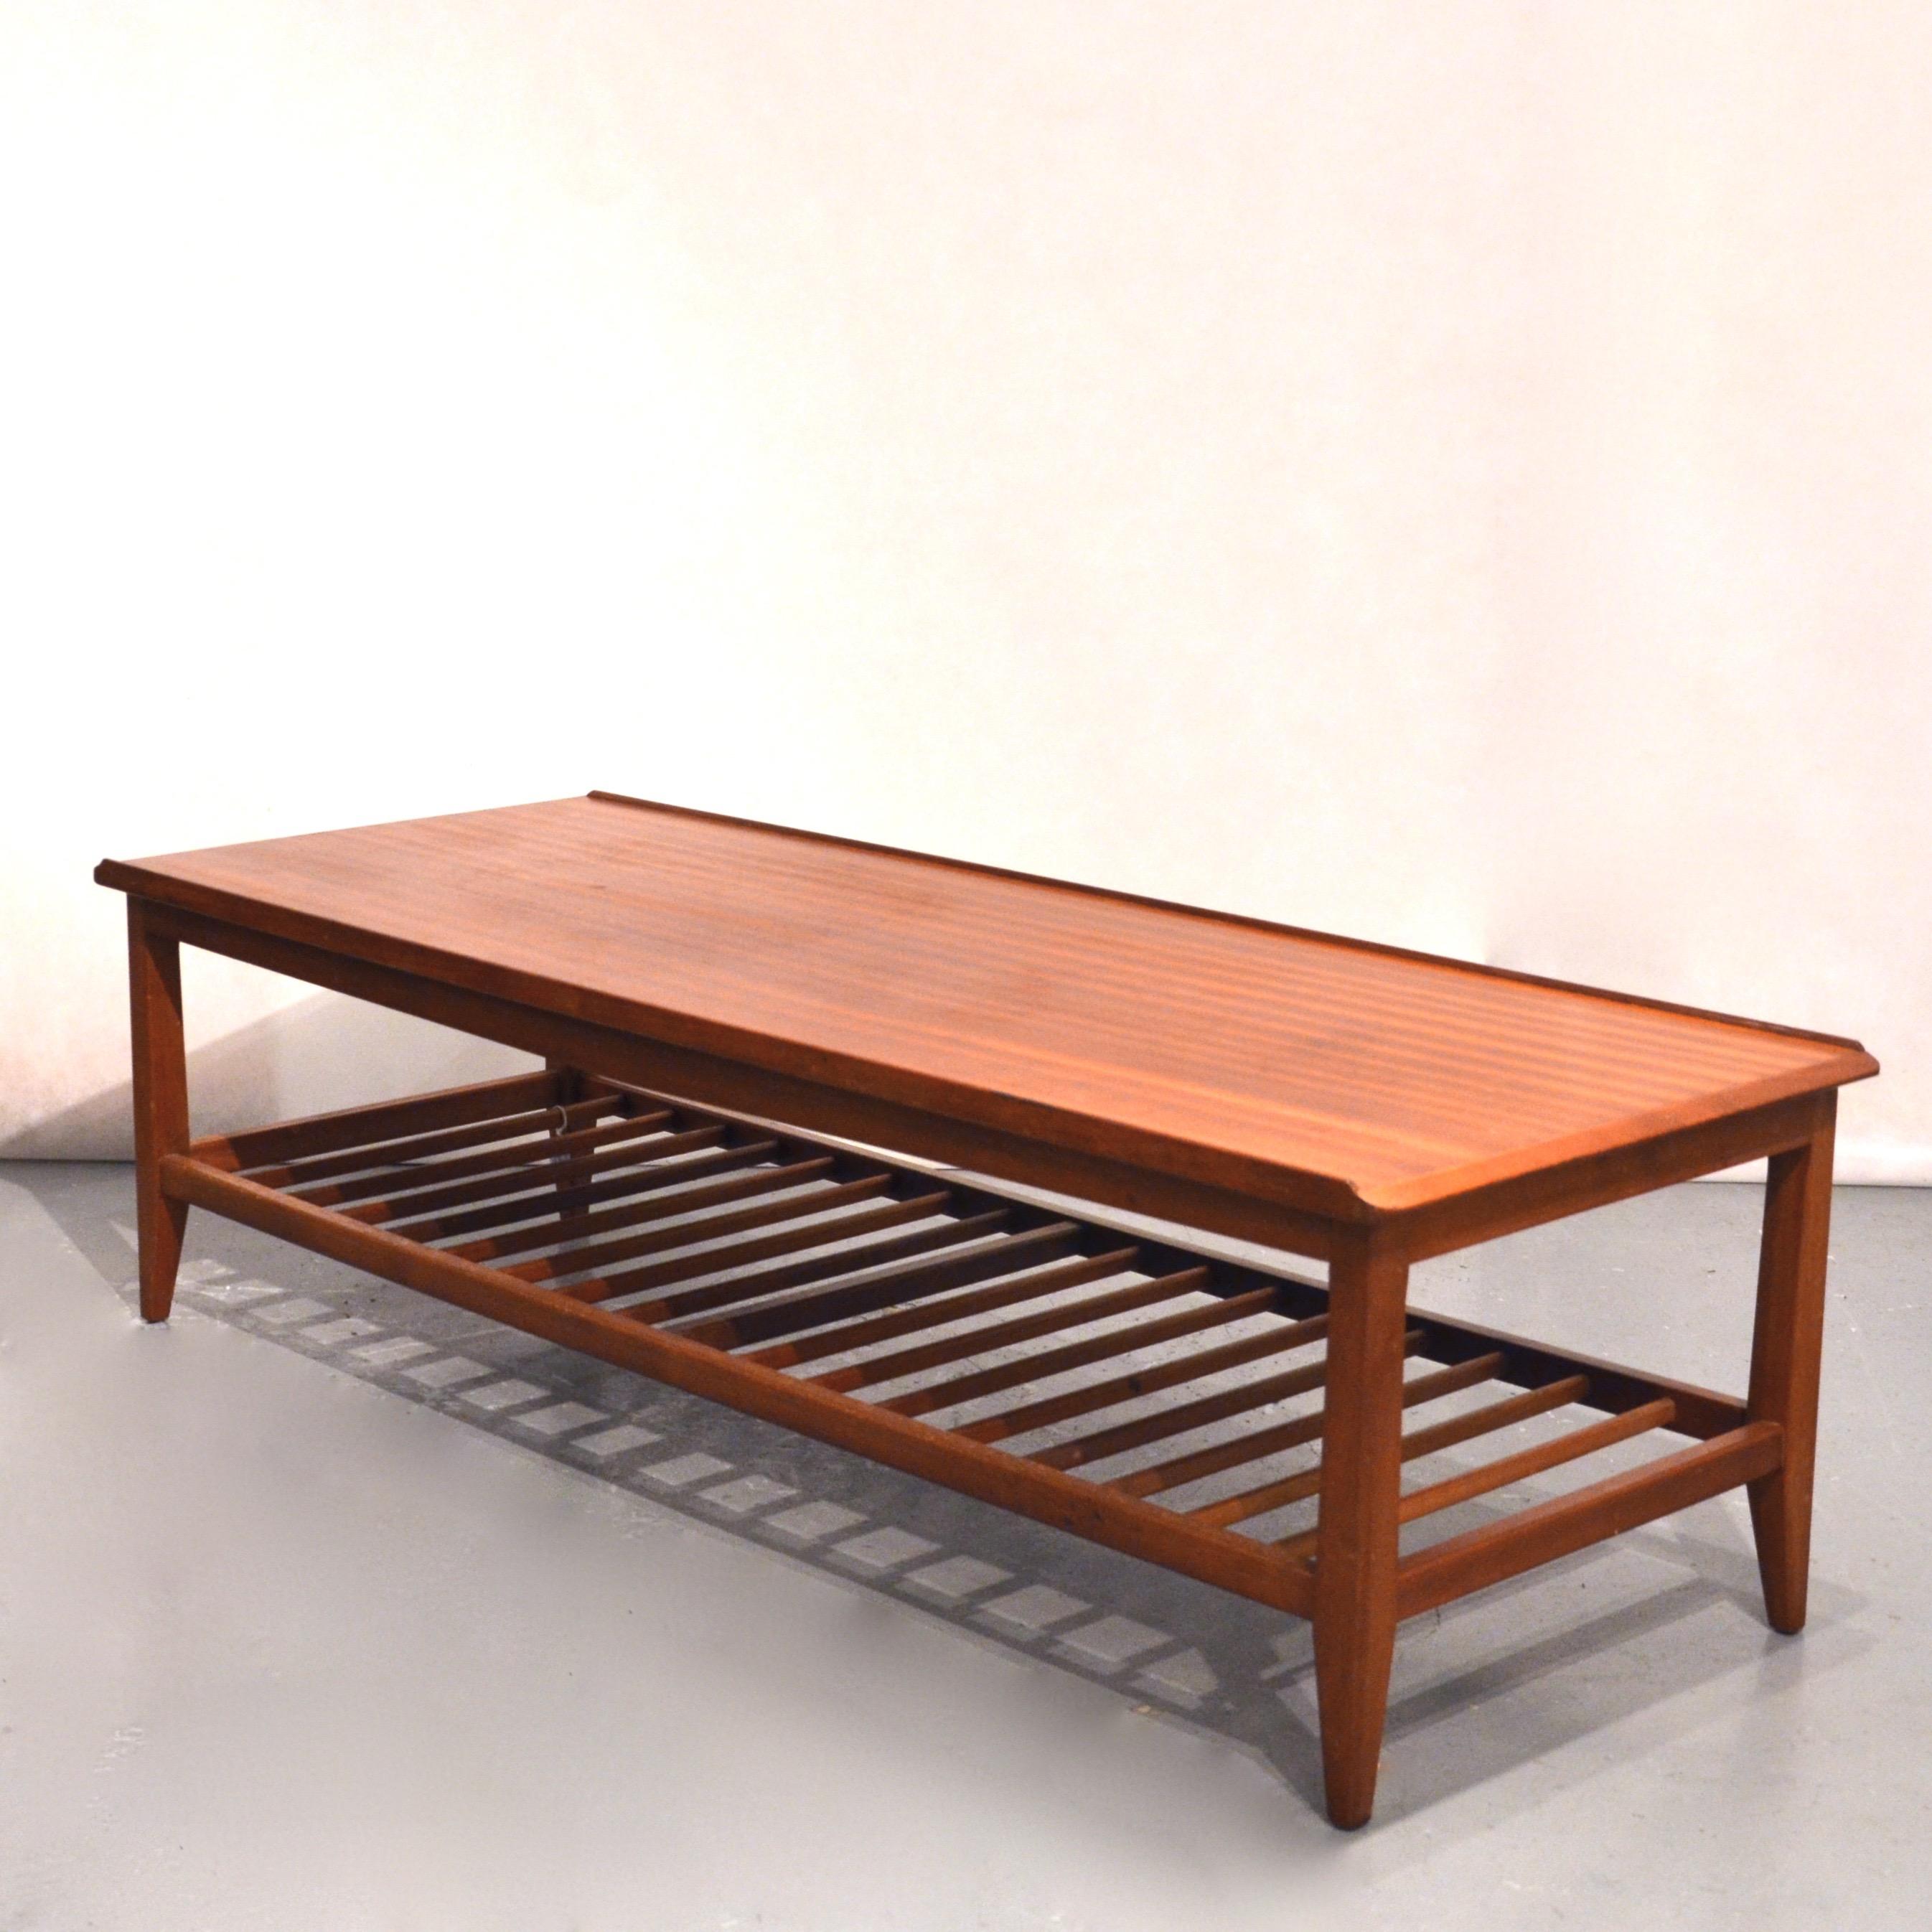 Grande Table Basse Scandinave Bindiesbindies